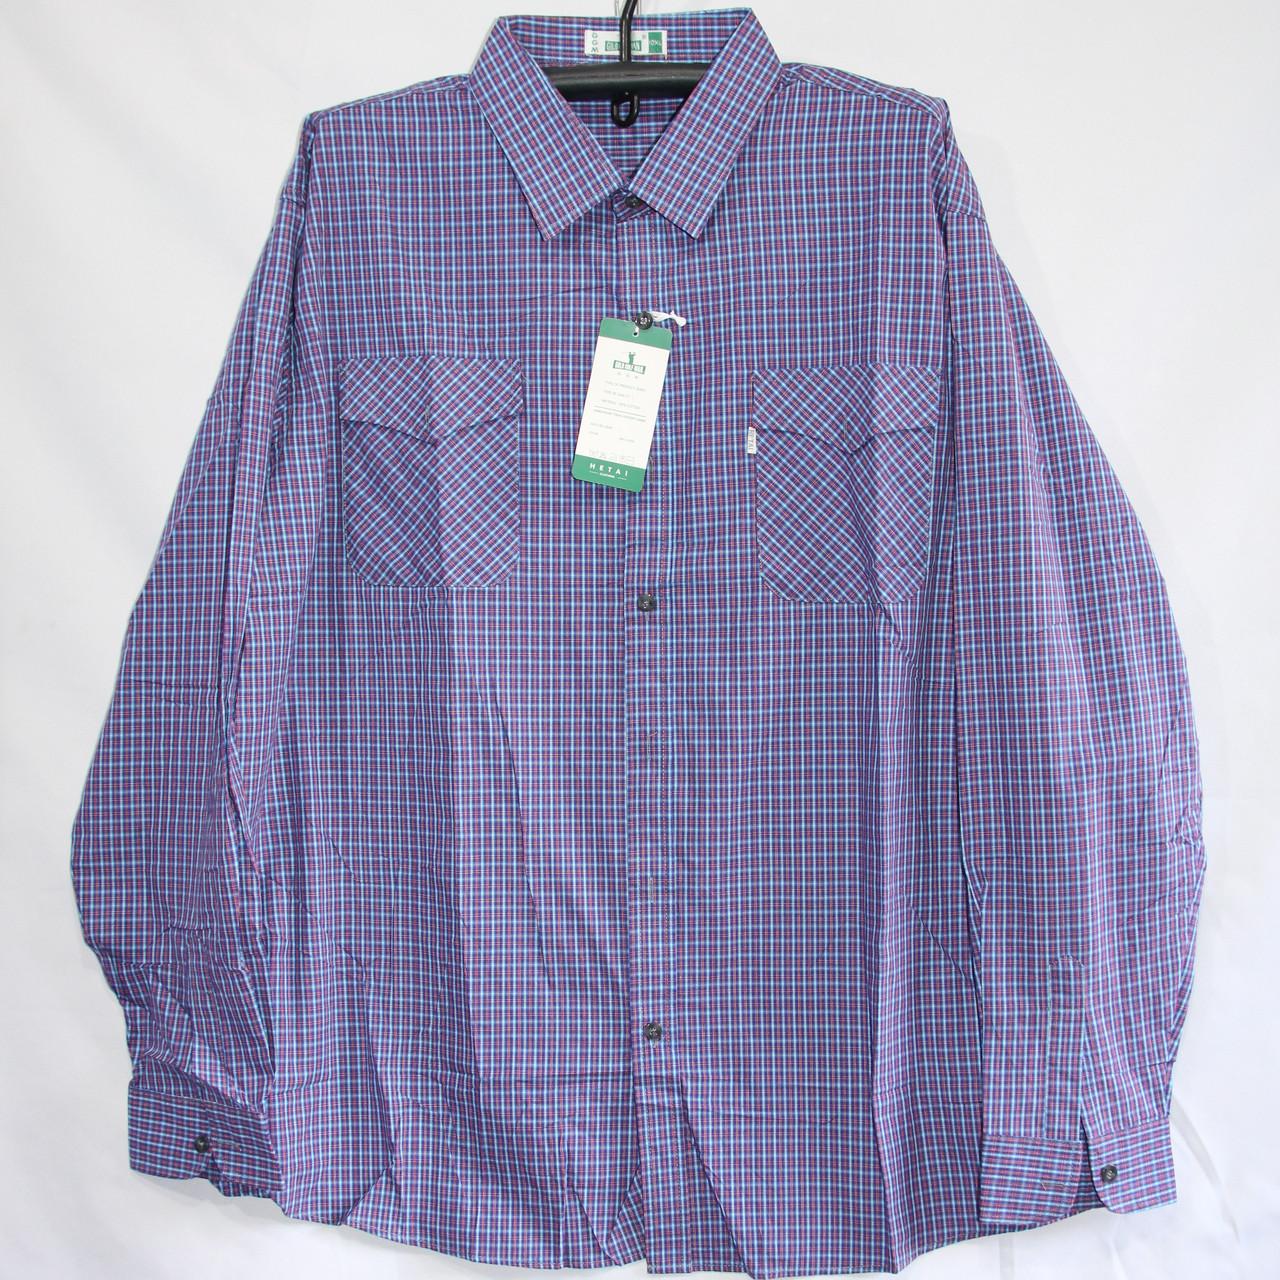 Мужская котоновая рубашка Батал (длинный рукав) оптом со склада в Одессе